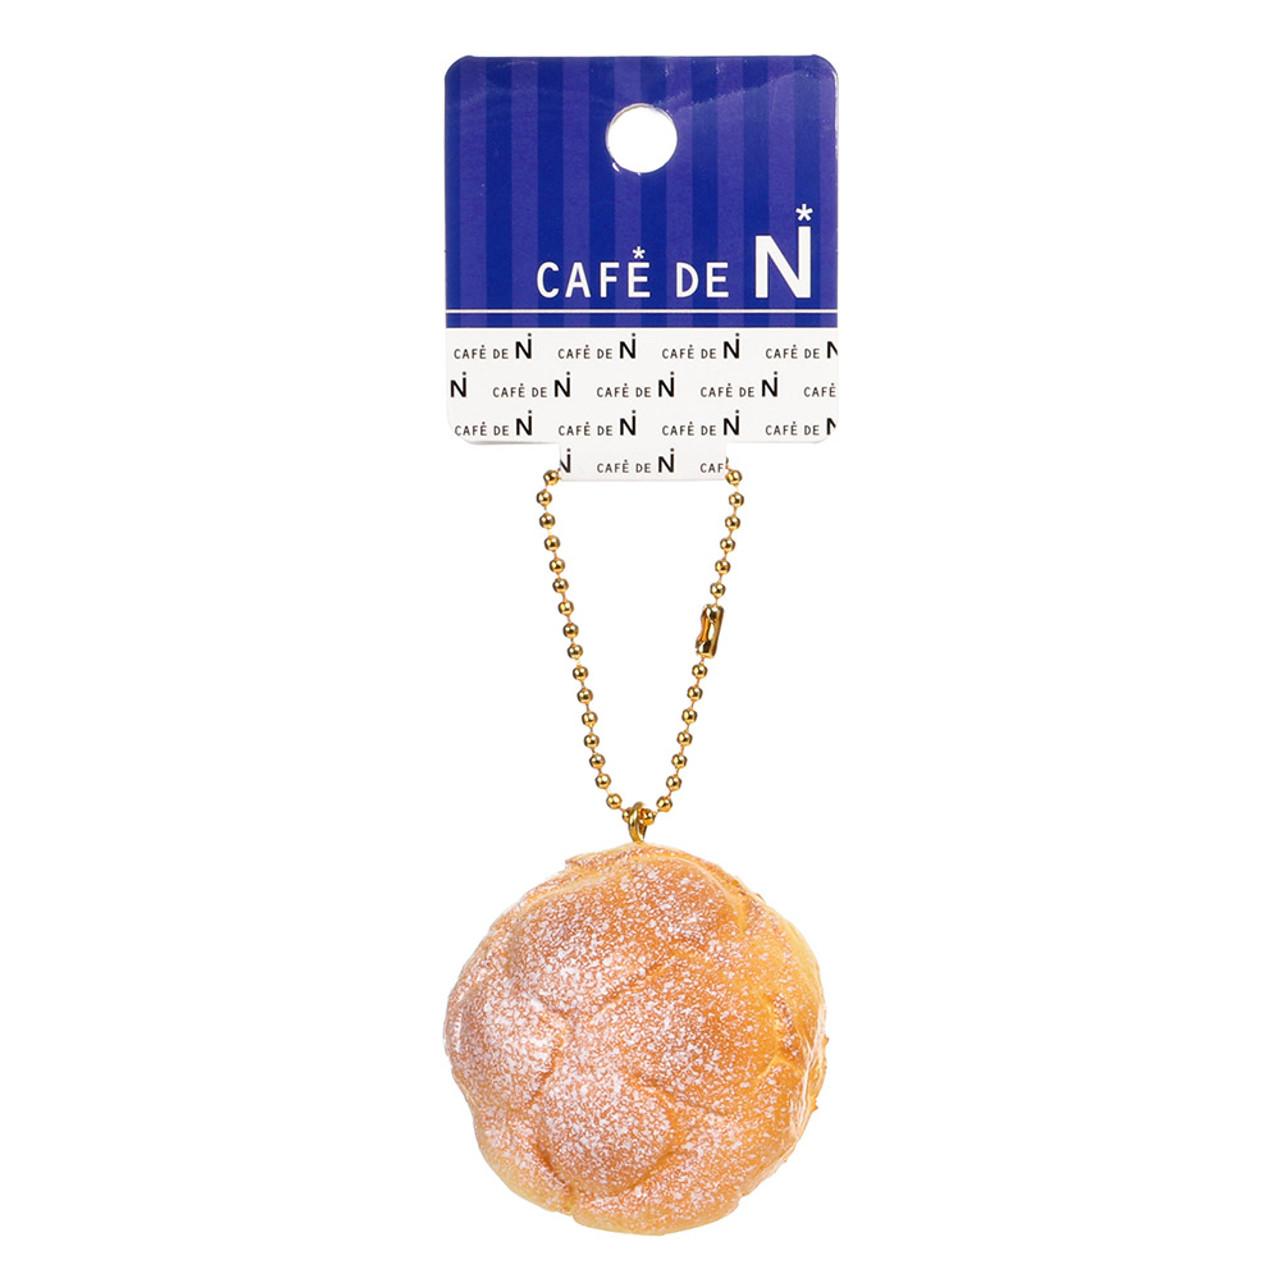 Café De N Custard Cream Puff Dessert Squishy Toy Cellphone Charms ( Tag View )